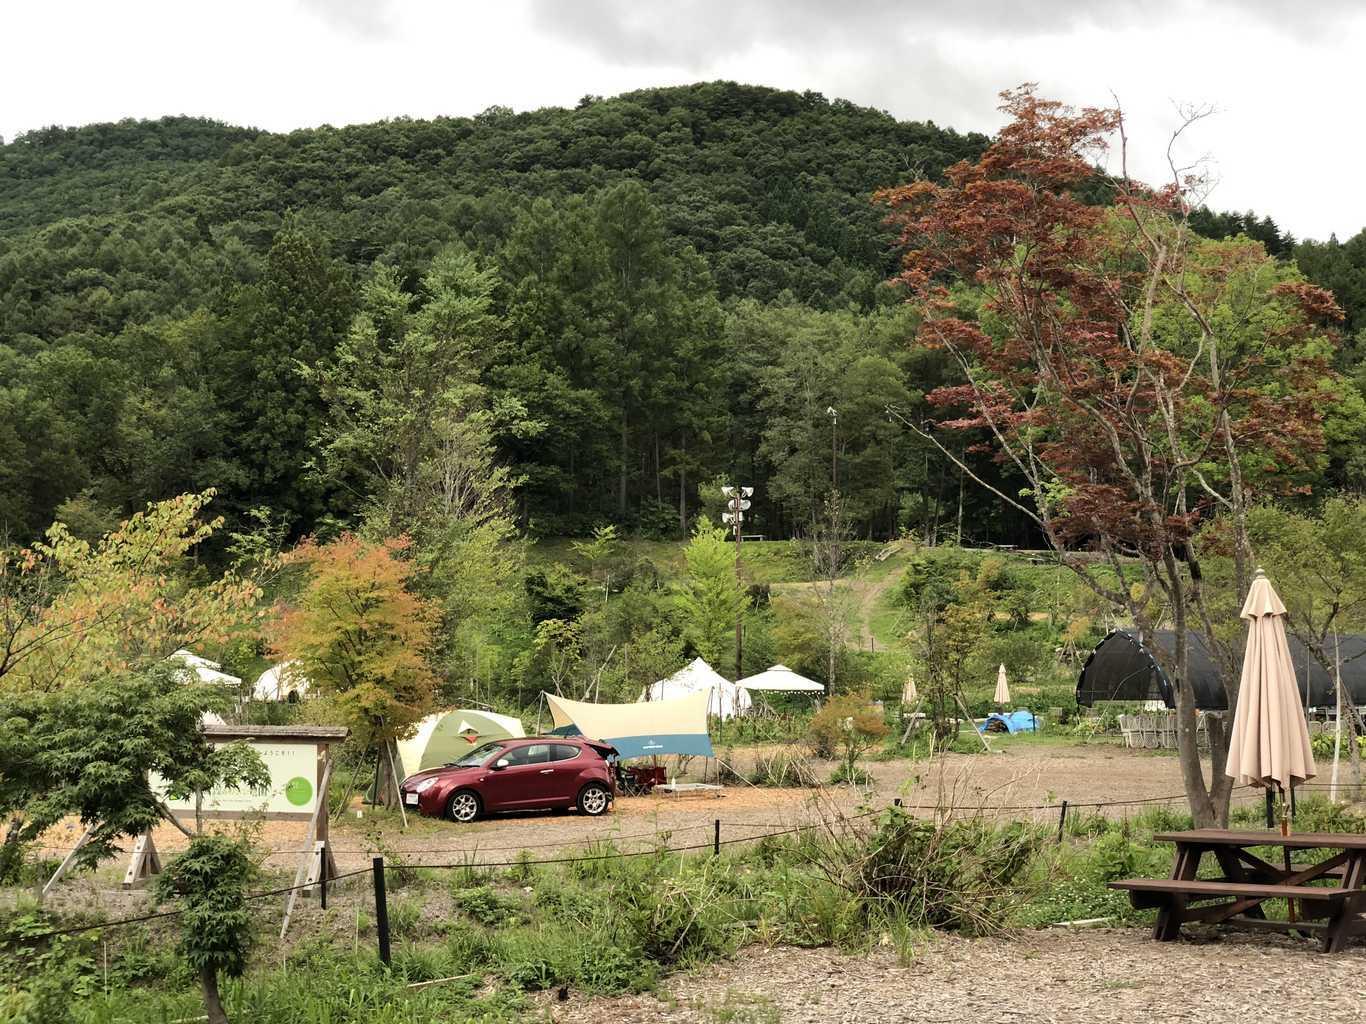 白馬森のわさび農園オートキャンプ場 の写真p